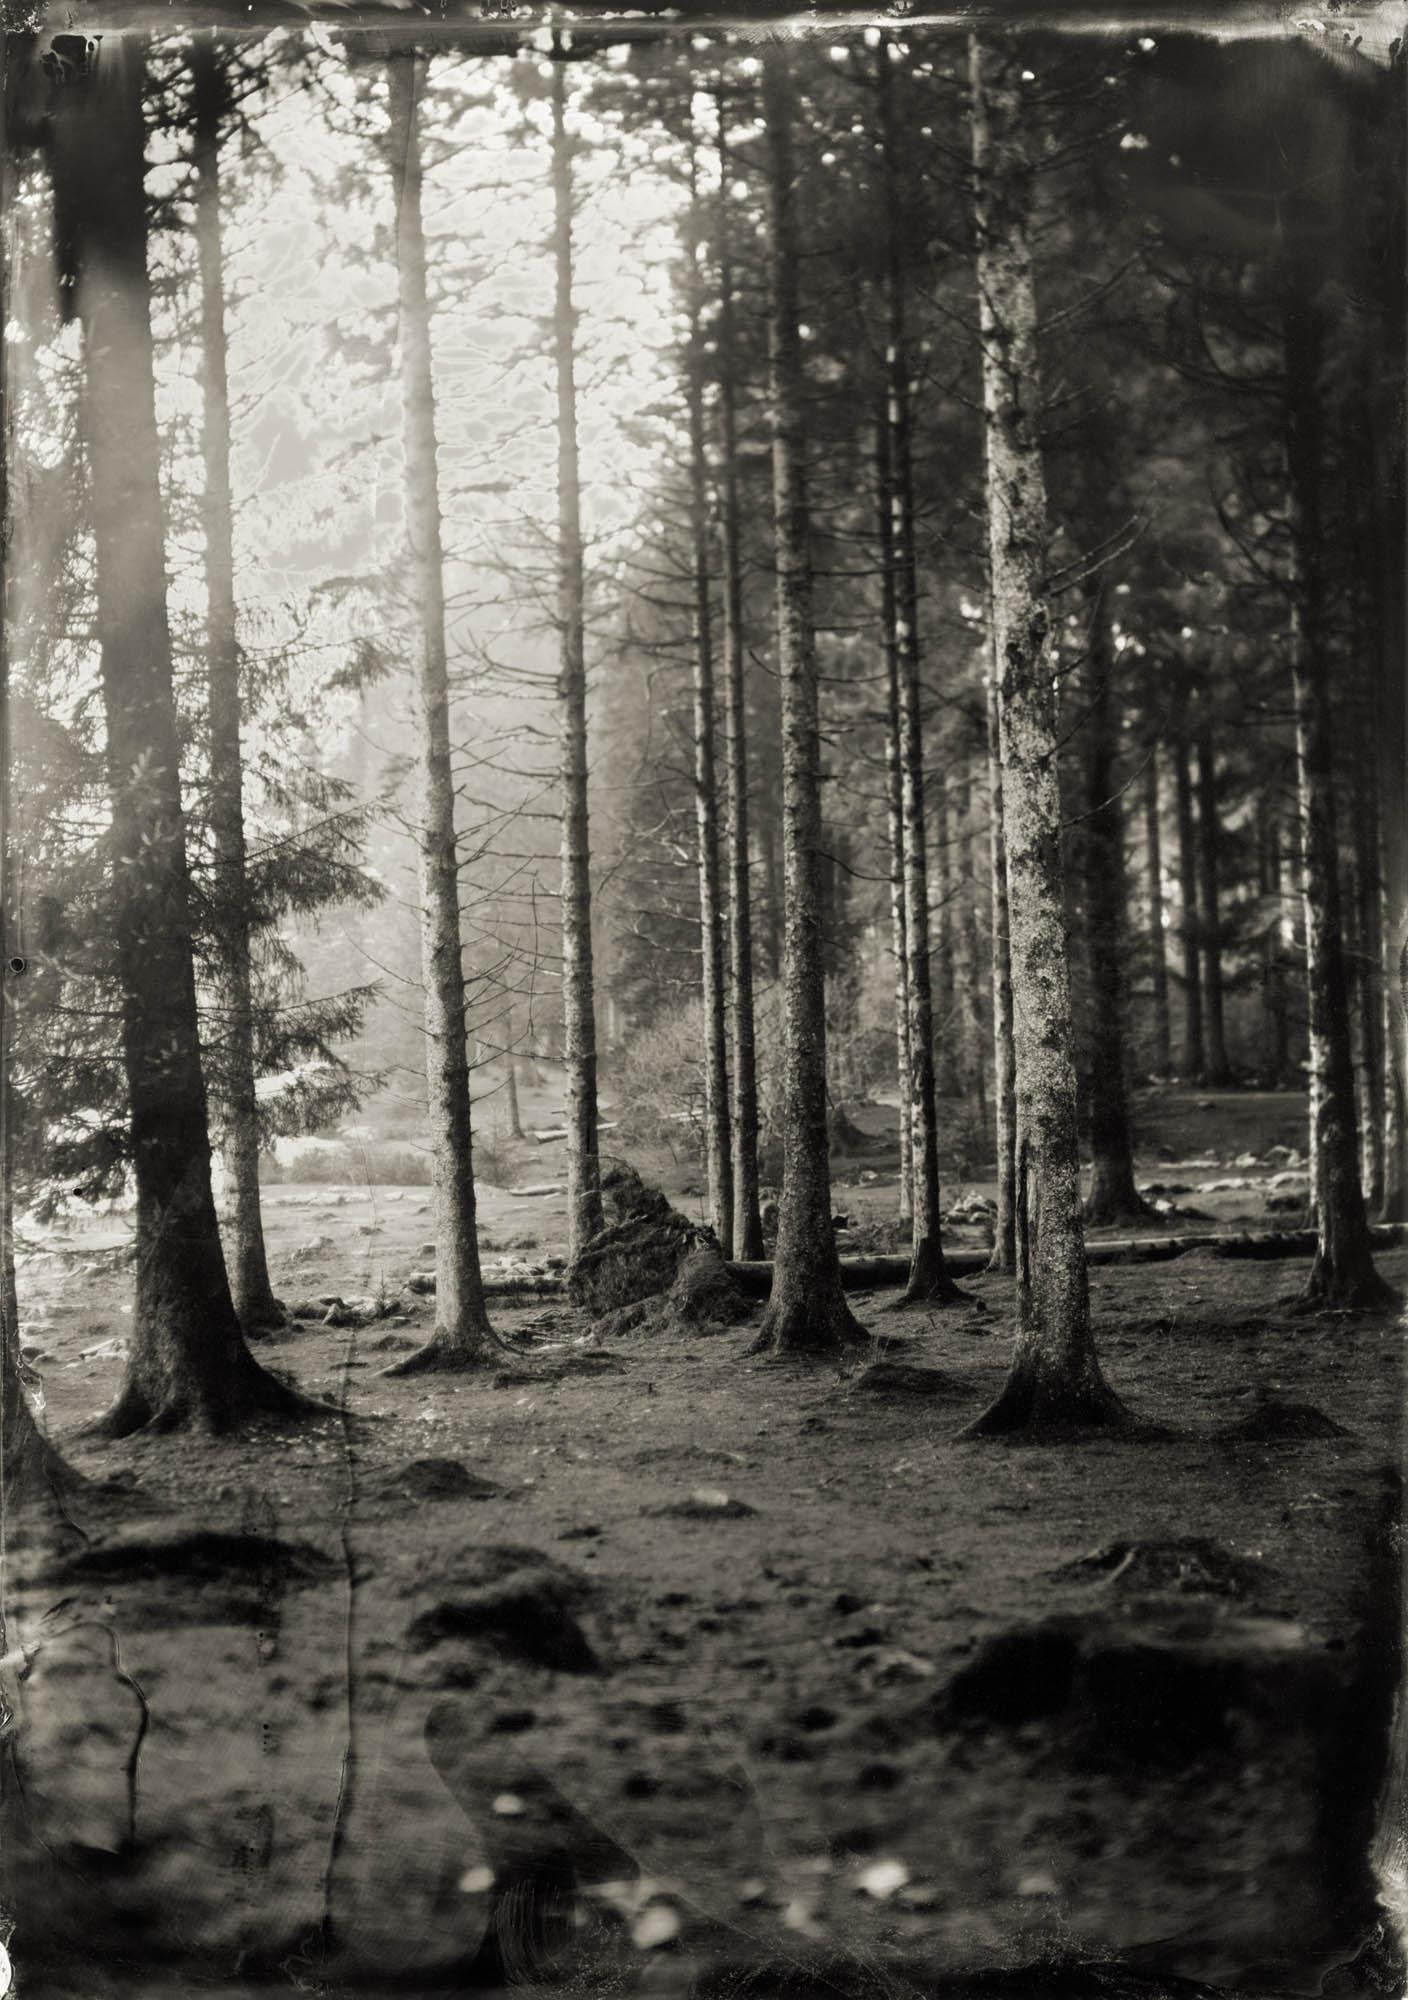 Title : Bellever Forest By: Jemma Ridyard    www.instagram.com/jemmaridyard